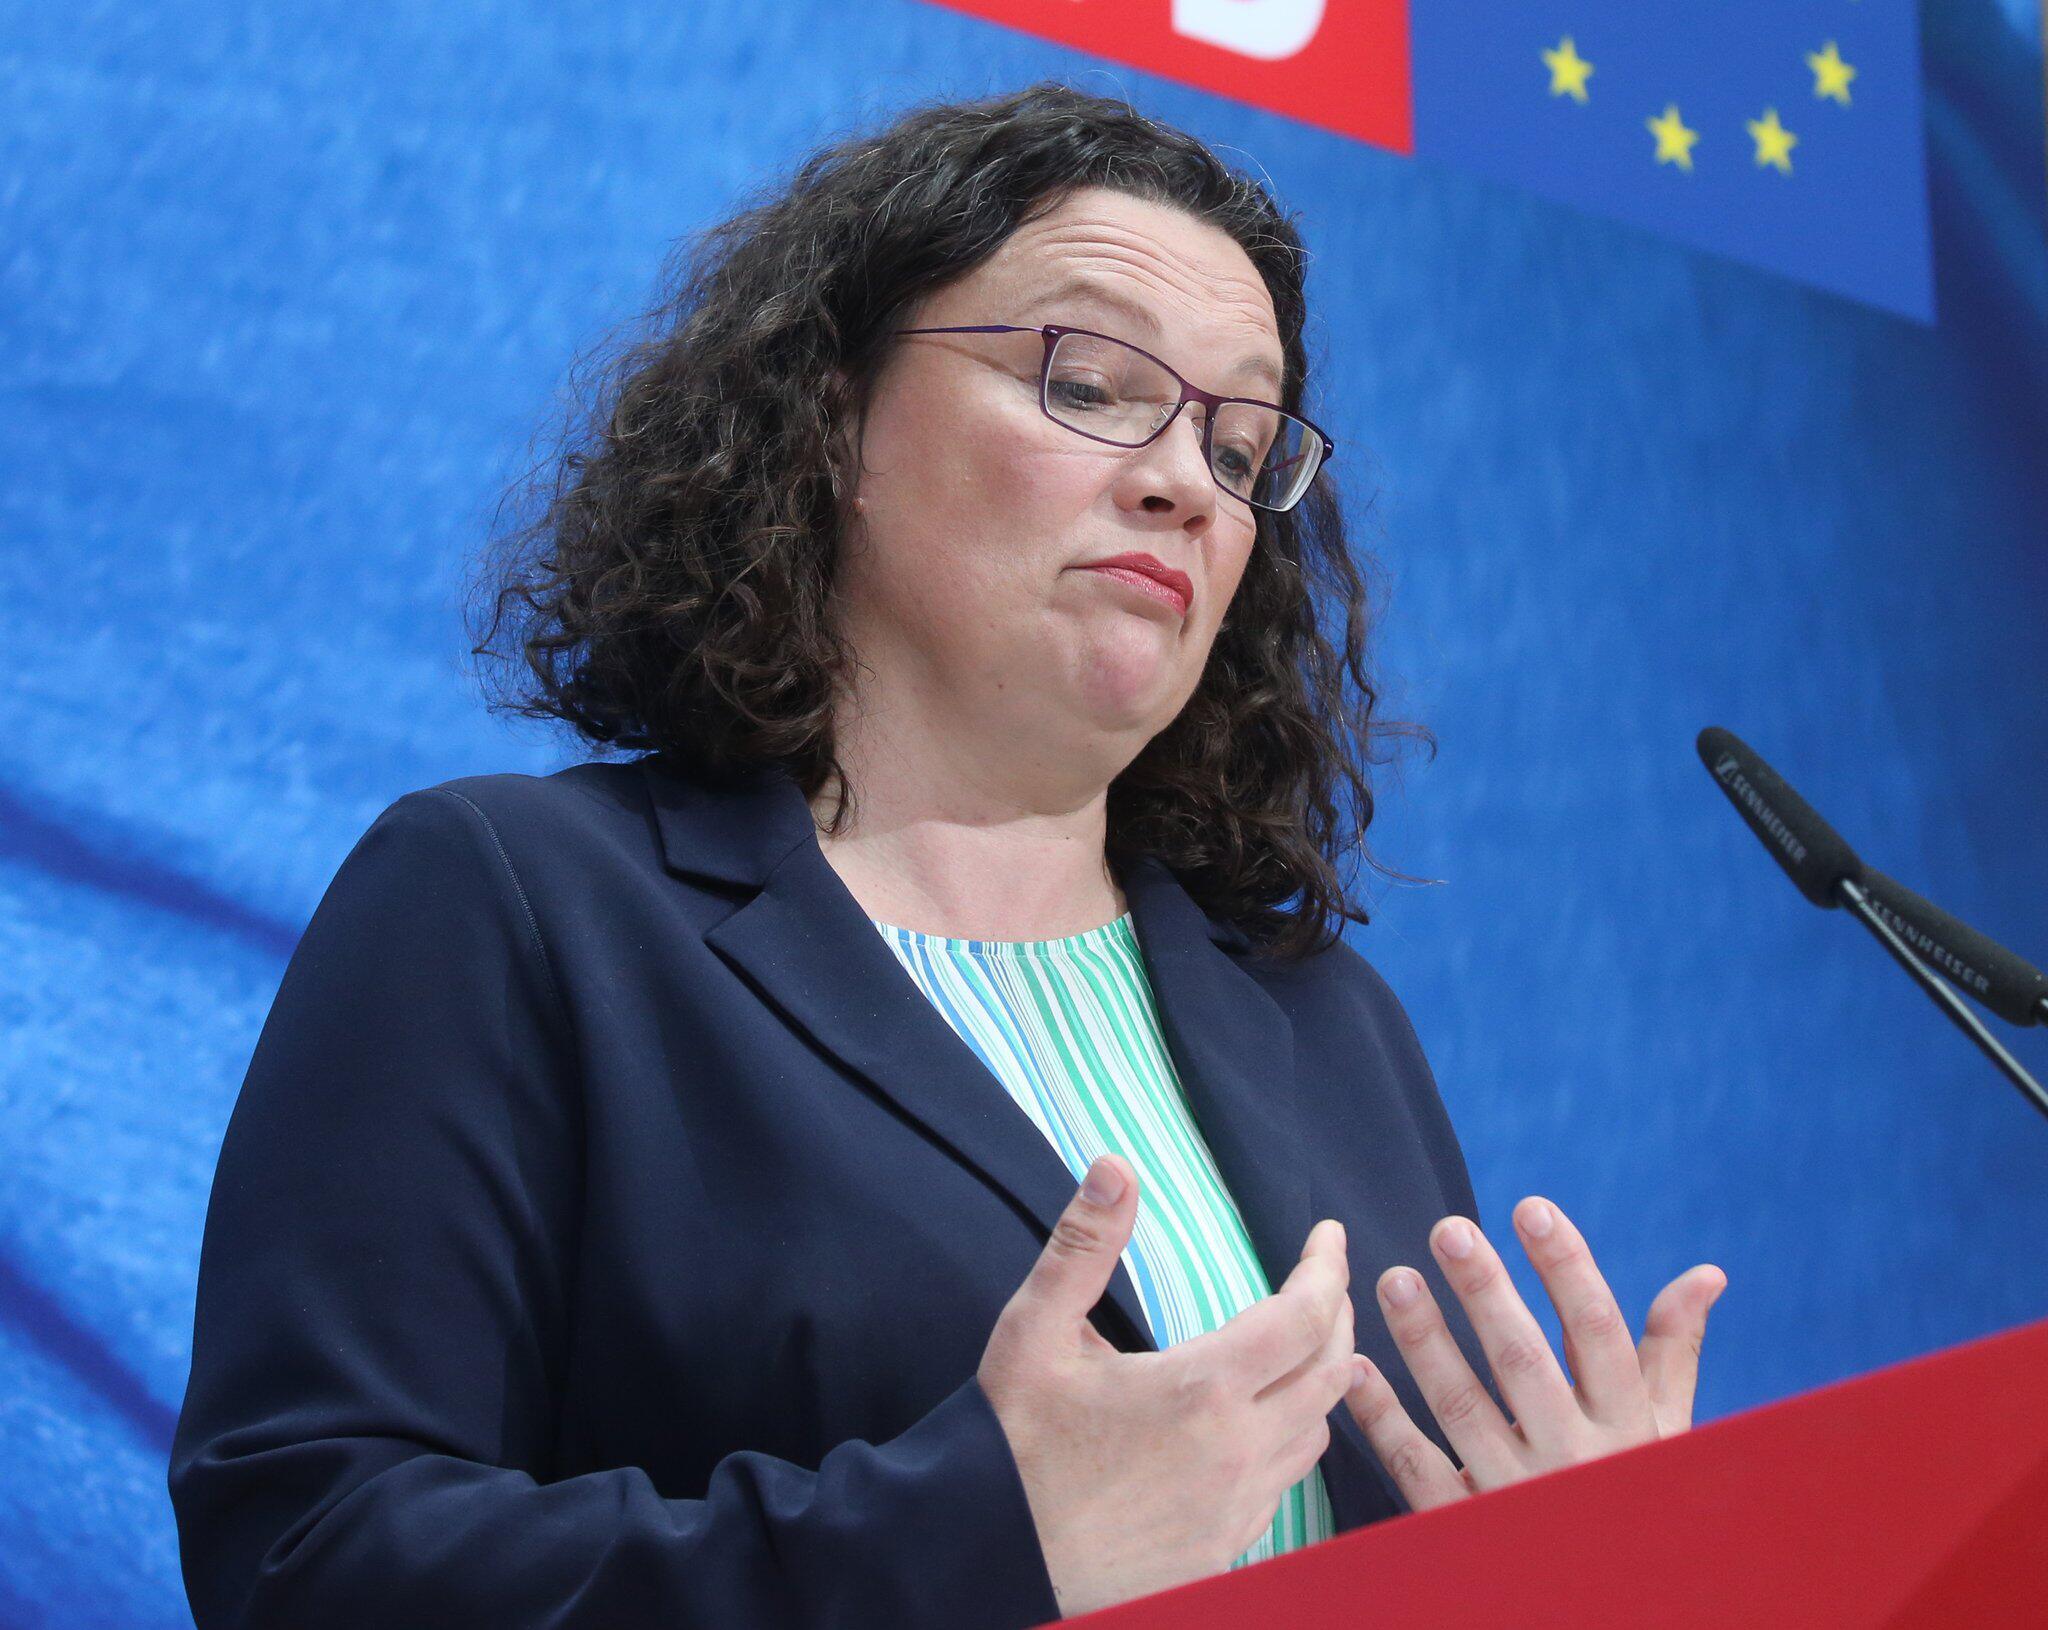 Bild zu After the European Election - Reactions SPD